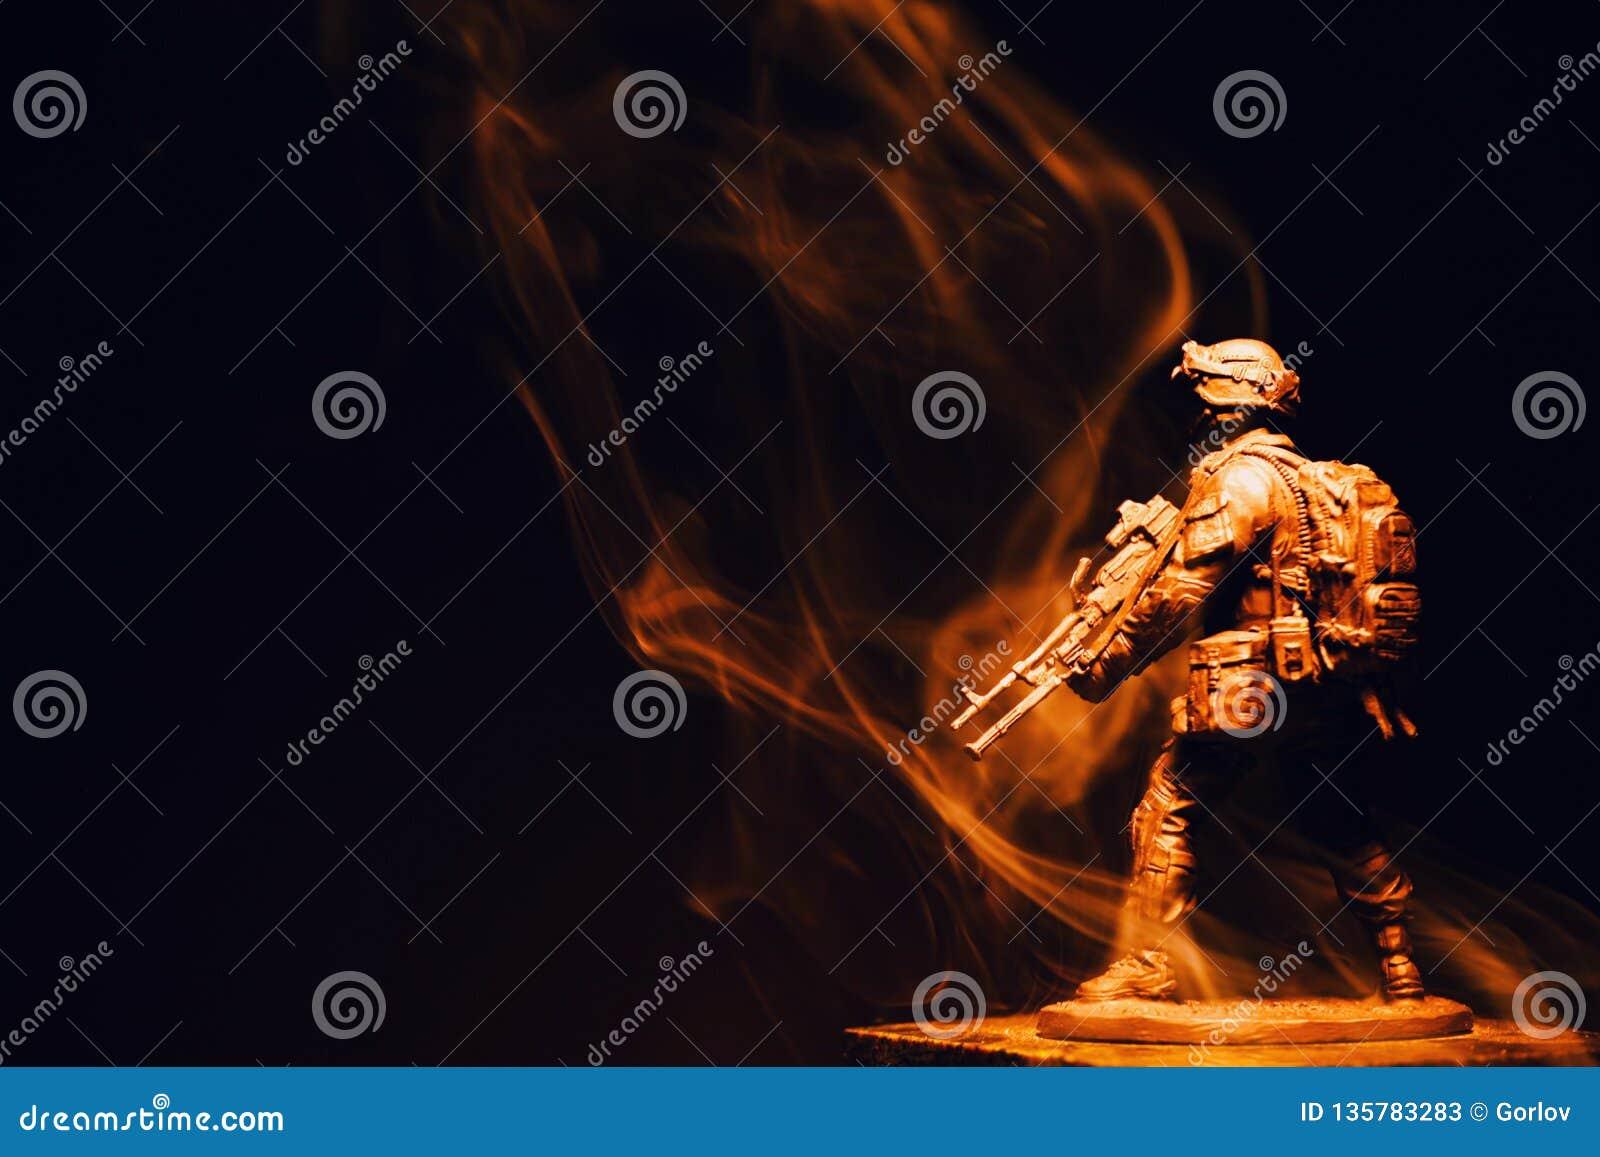 Soldier figure smoke dark background